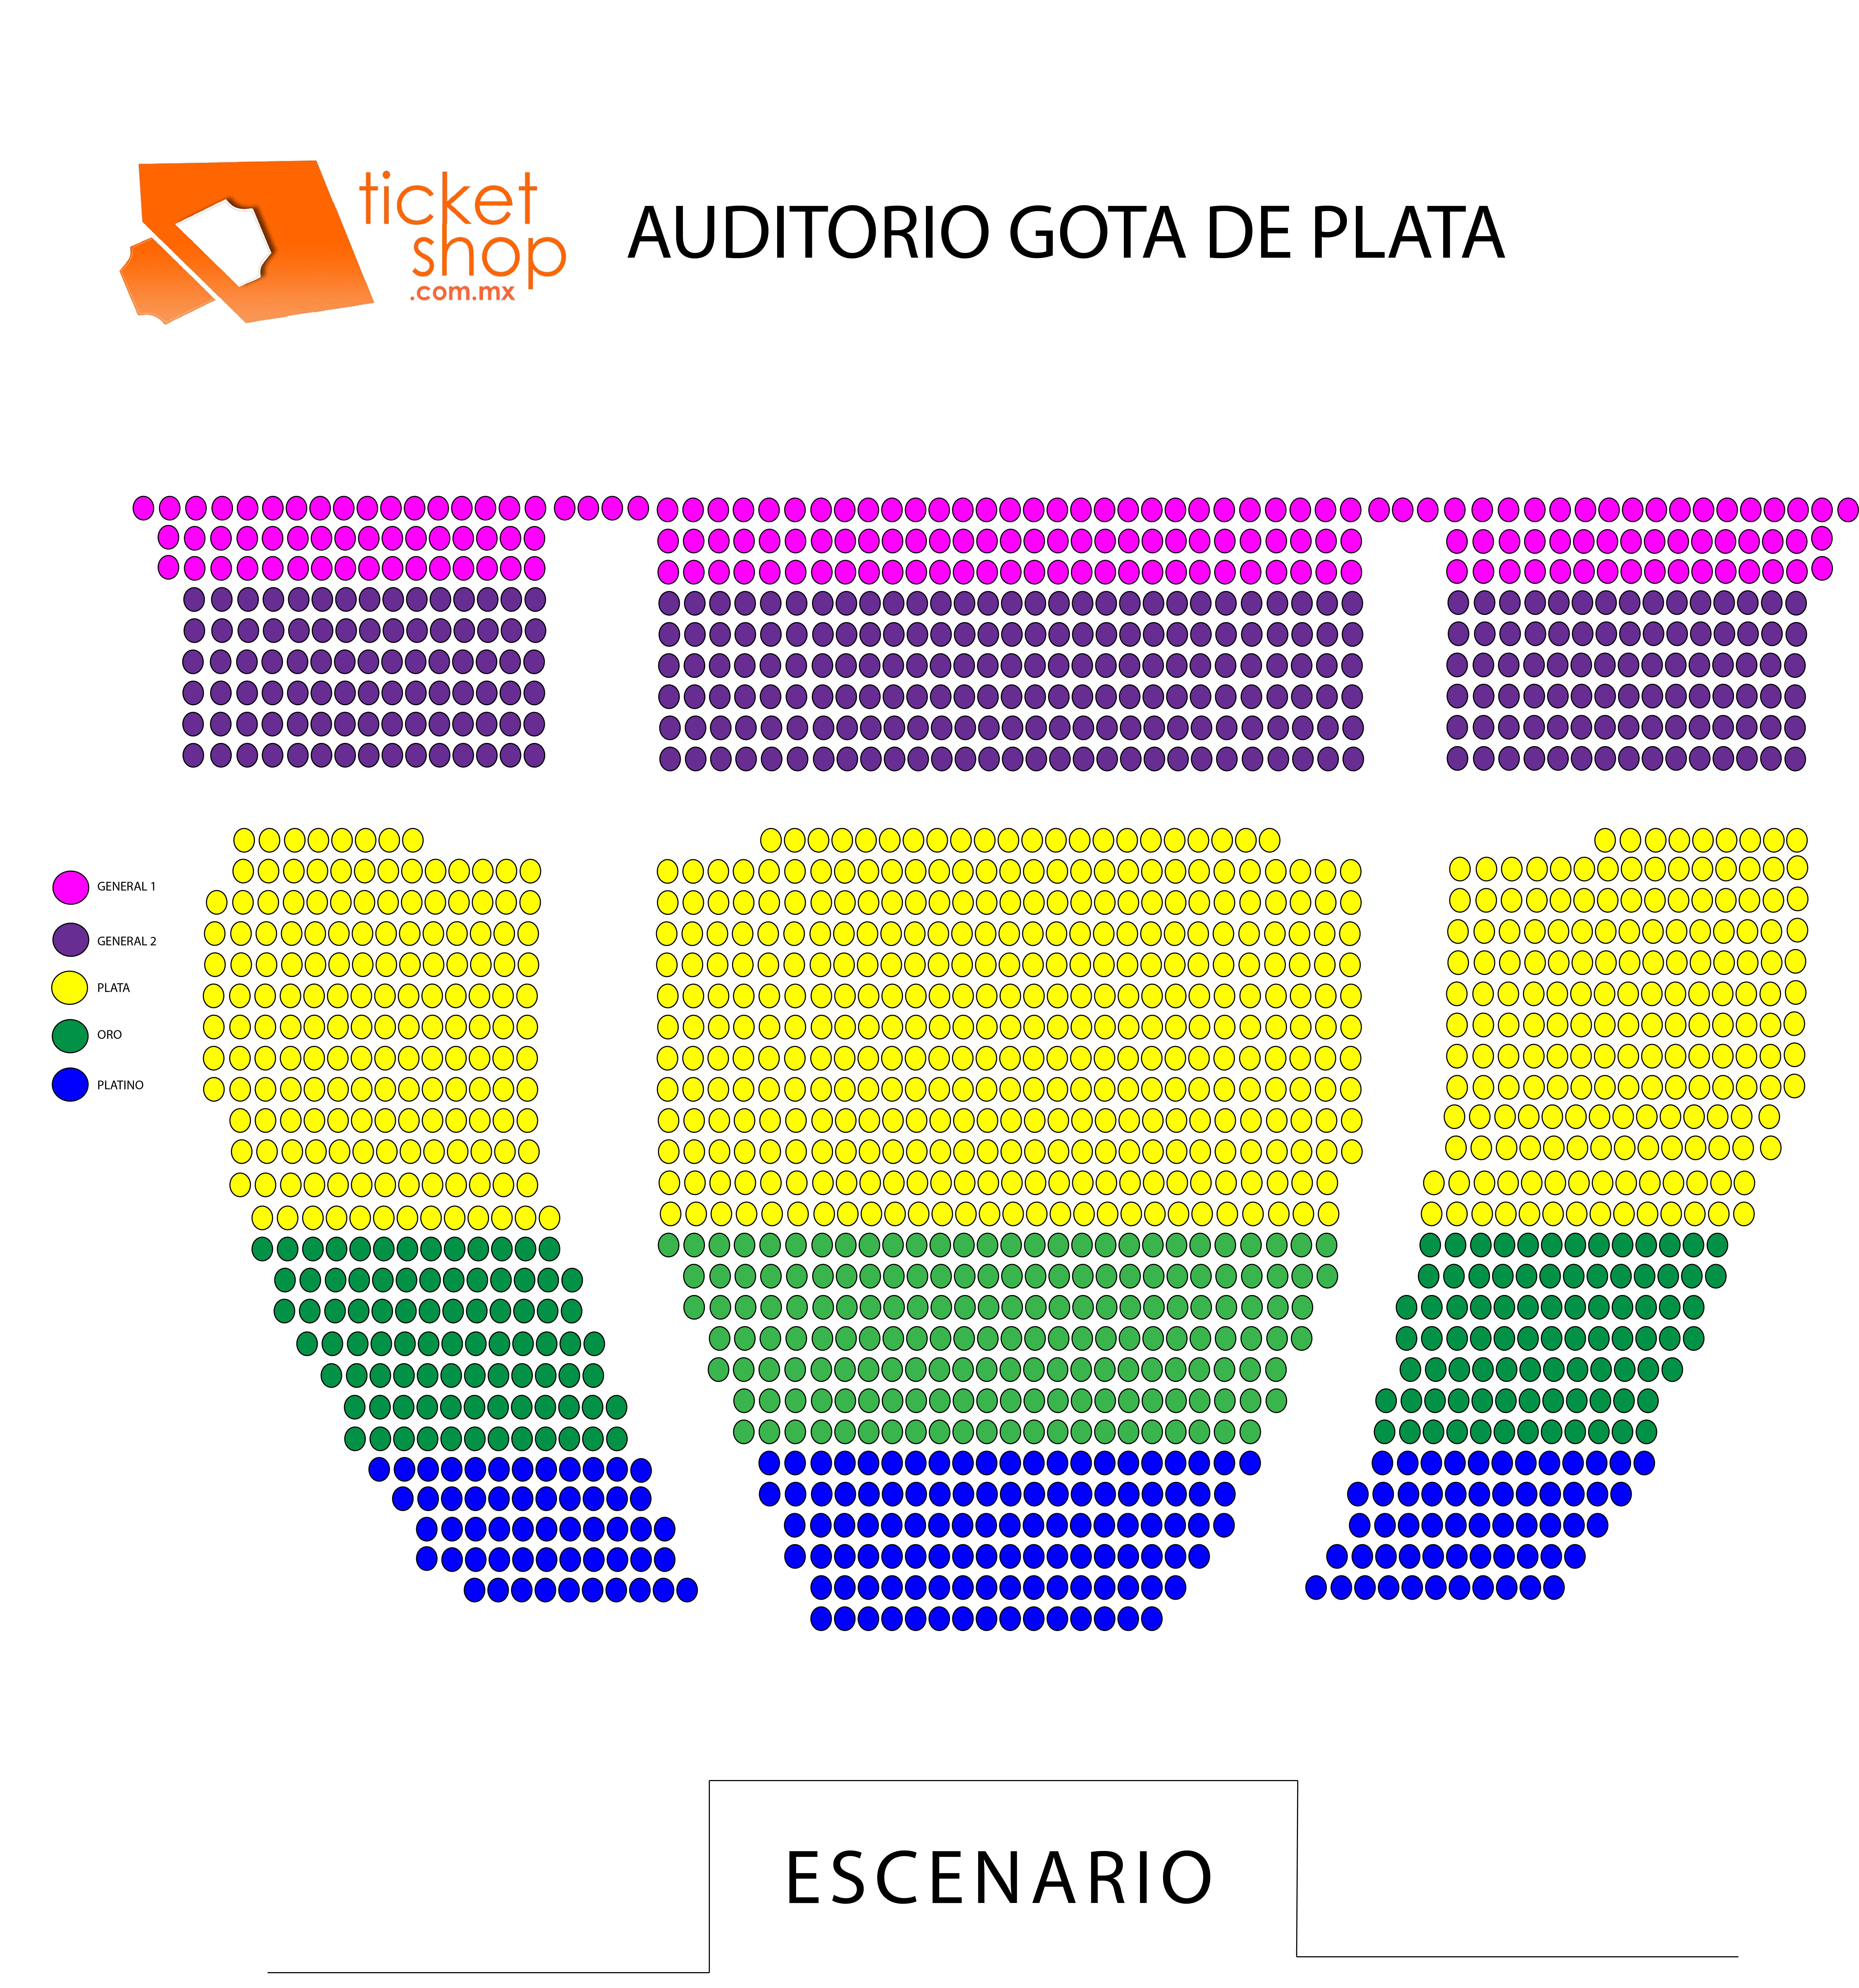 AUDITORIO_GOTA_DE_PLATA